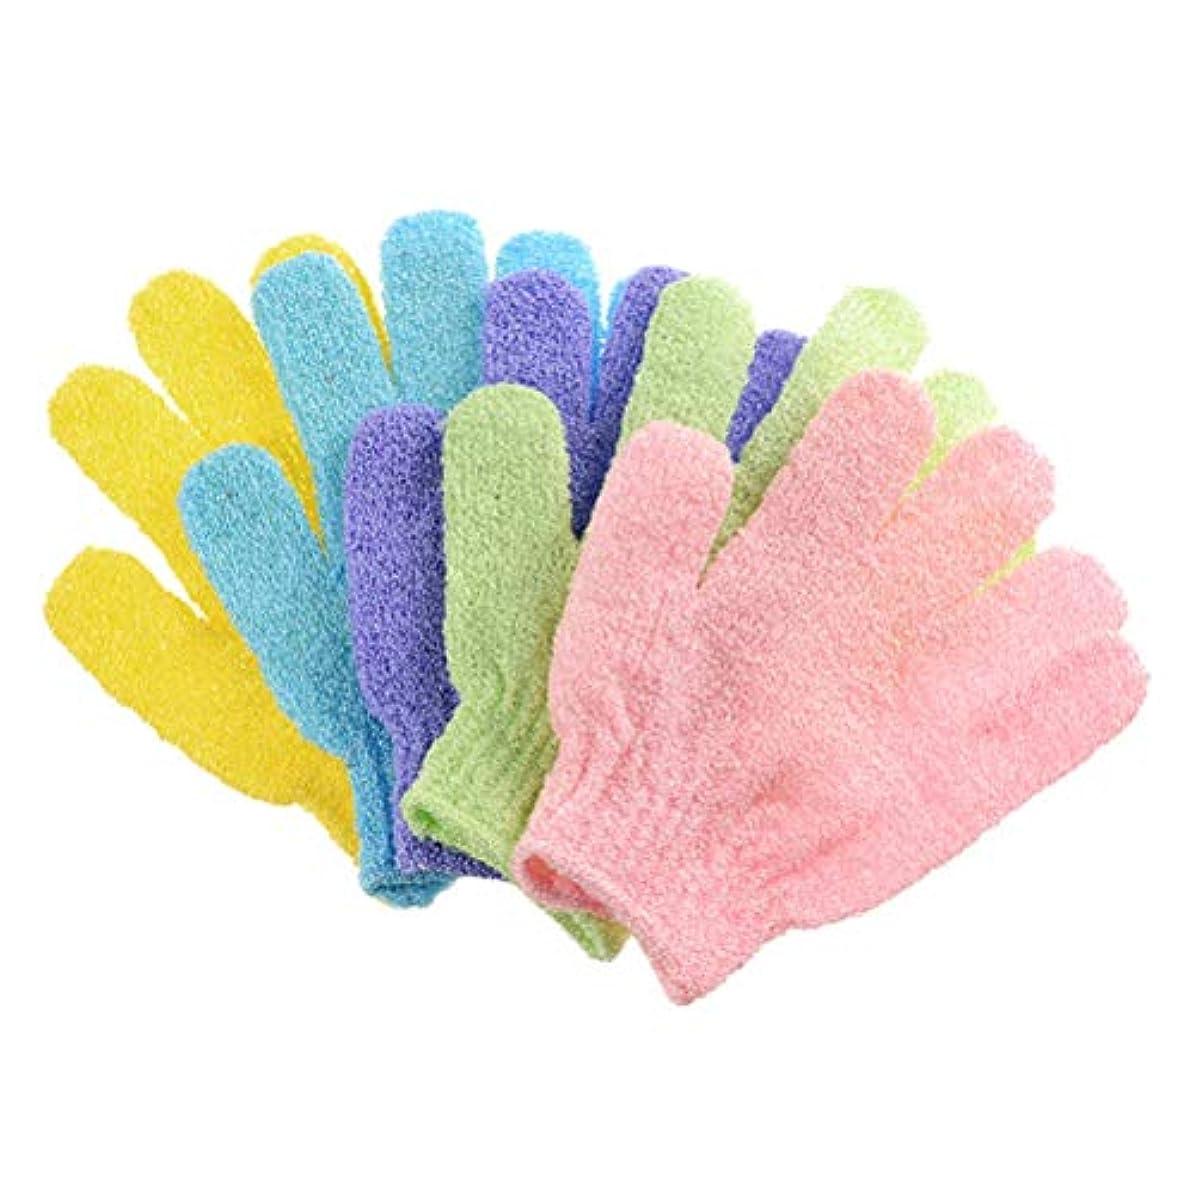 延期する掃く電気のTOPBATHY 20ピースバスウォッシュタオル剥離バスクロス手袋バックスクラバーバスクロスタオルボディ用入浴用シャワースパ(混色)